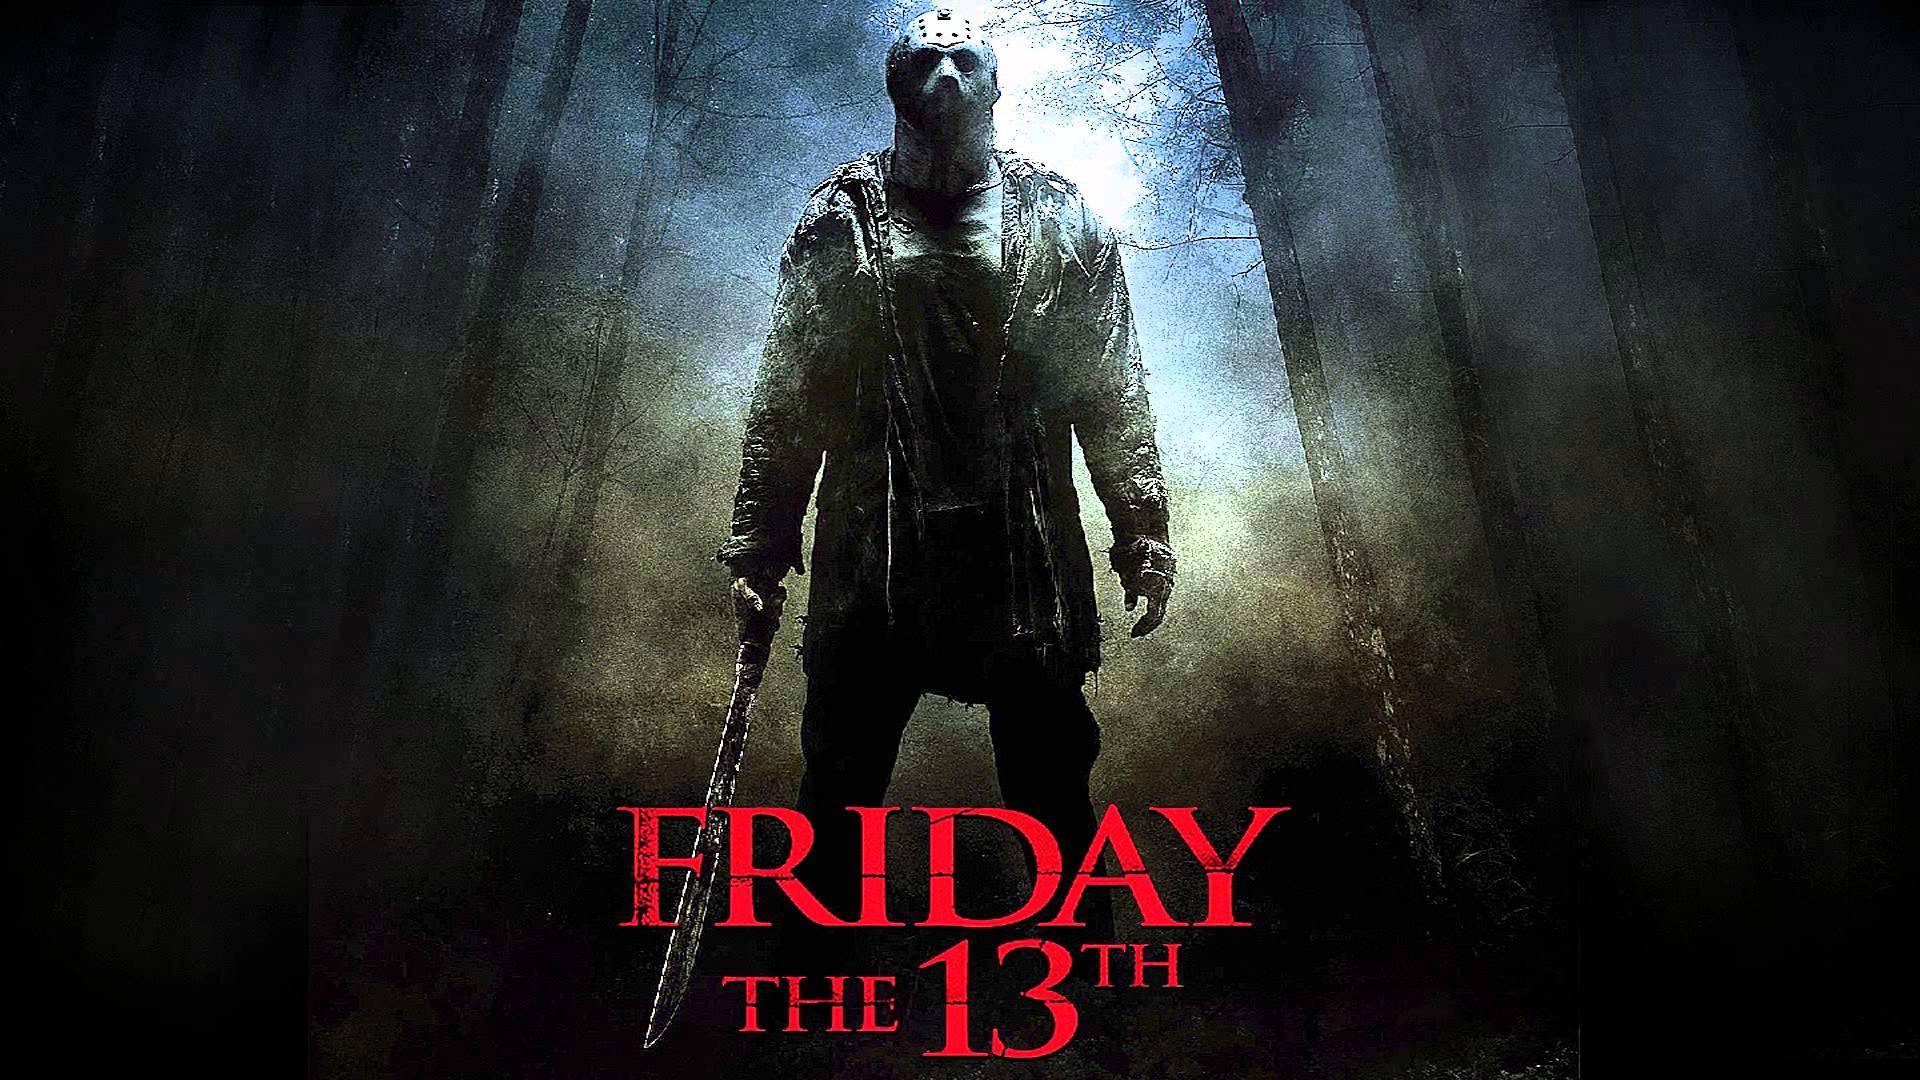 Nuevo trailer de Viernes 13, conviértete en Jason y cárgate a esos adolescentes tan cursis (o de momento deleitate con los paisajes solo).